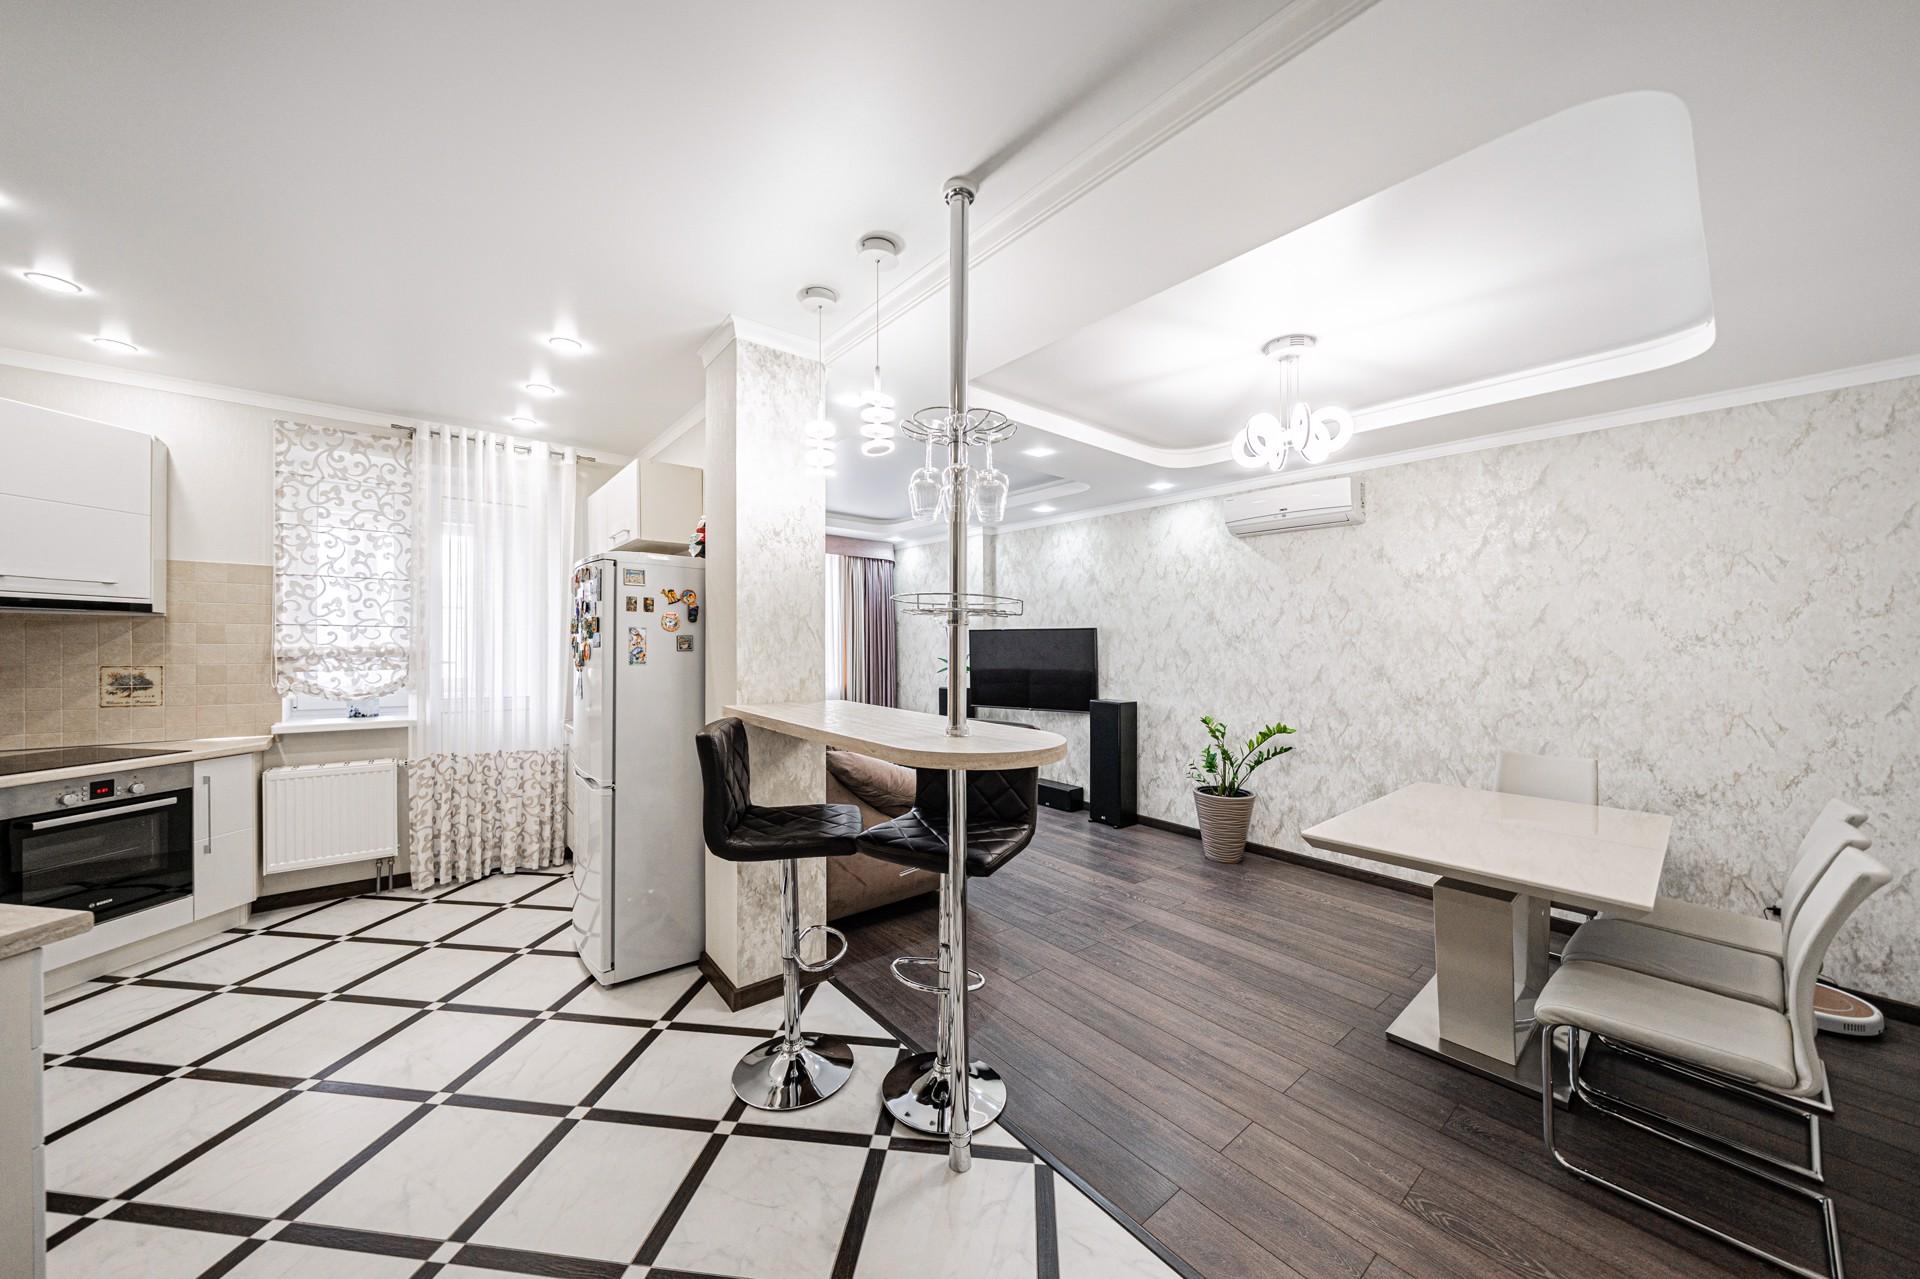 Продажа 2-к квартиры, Липецк, улица Стаханова, 59, 75 м², 6200000 ₽